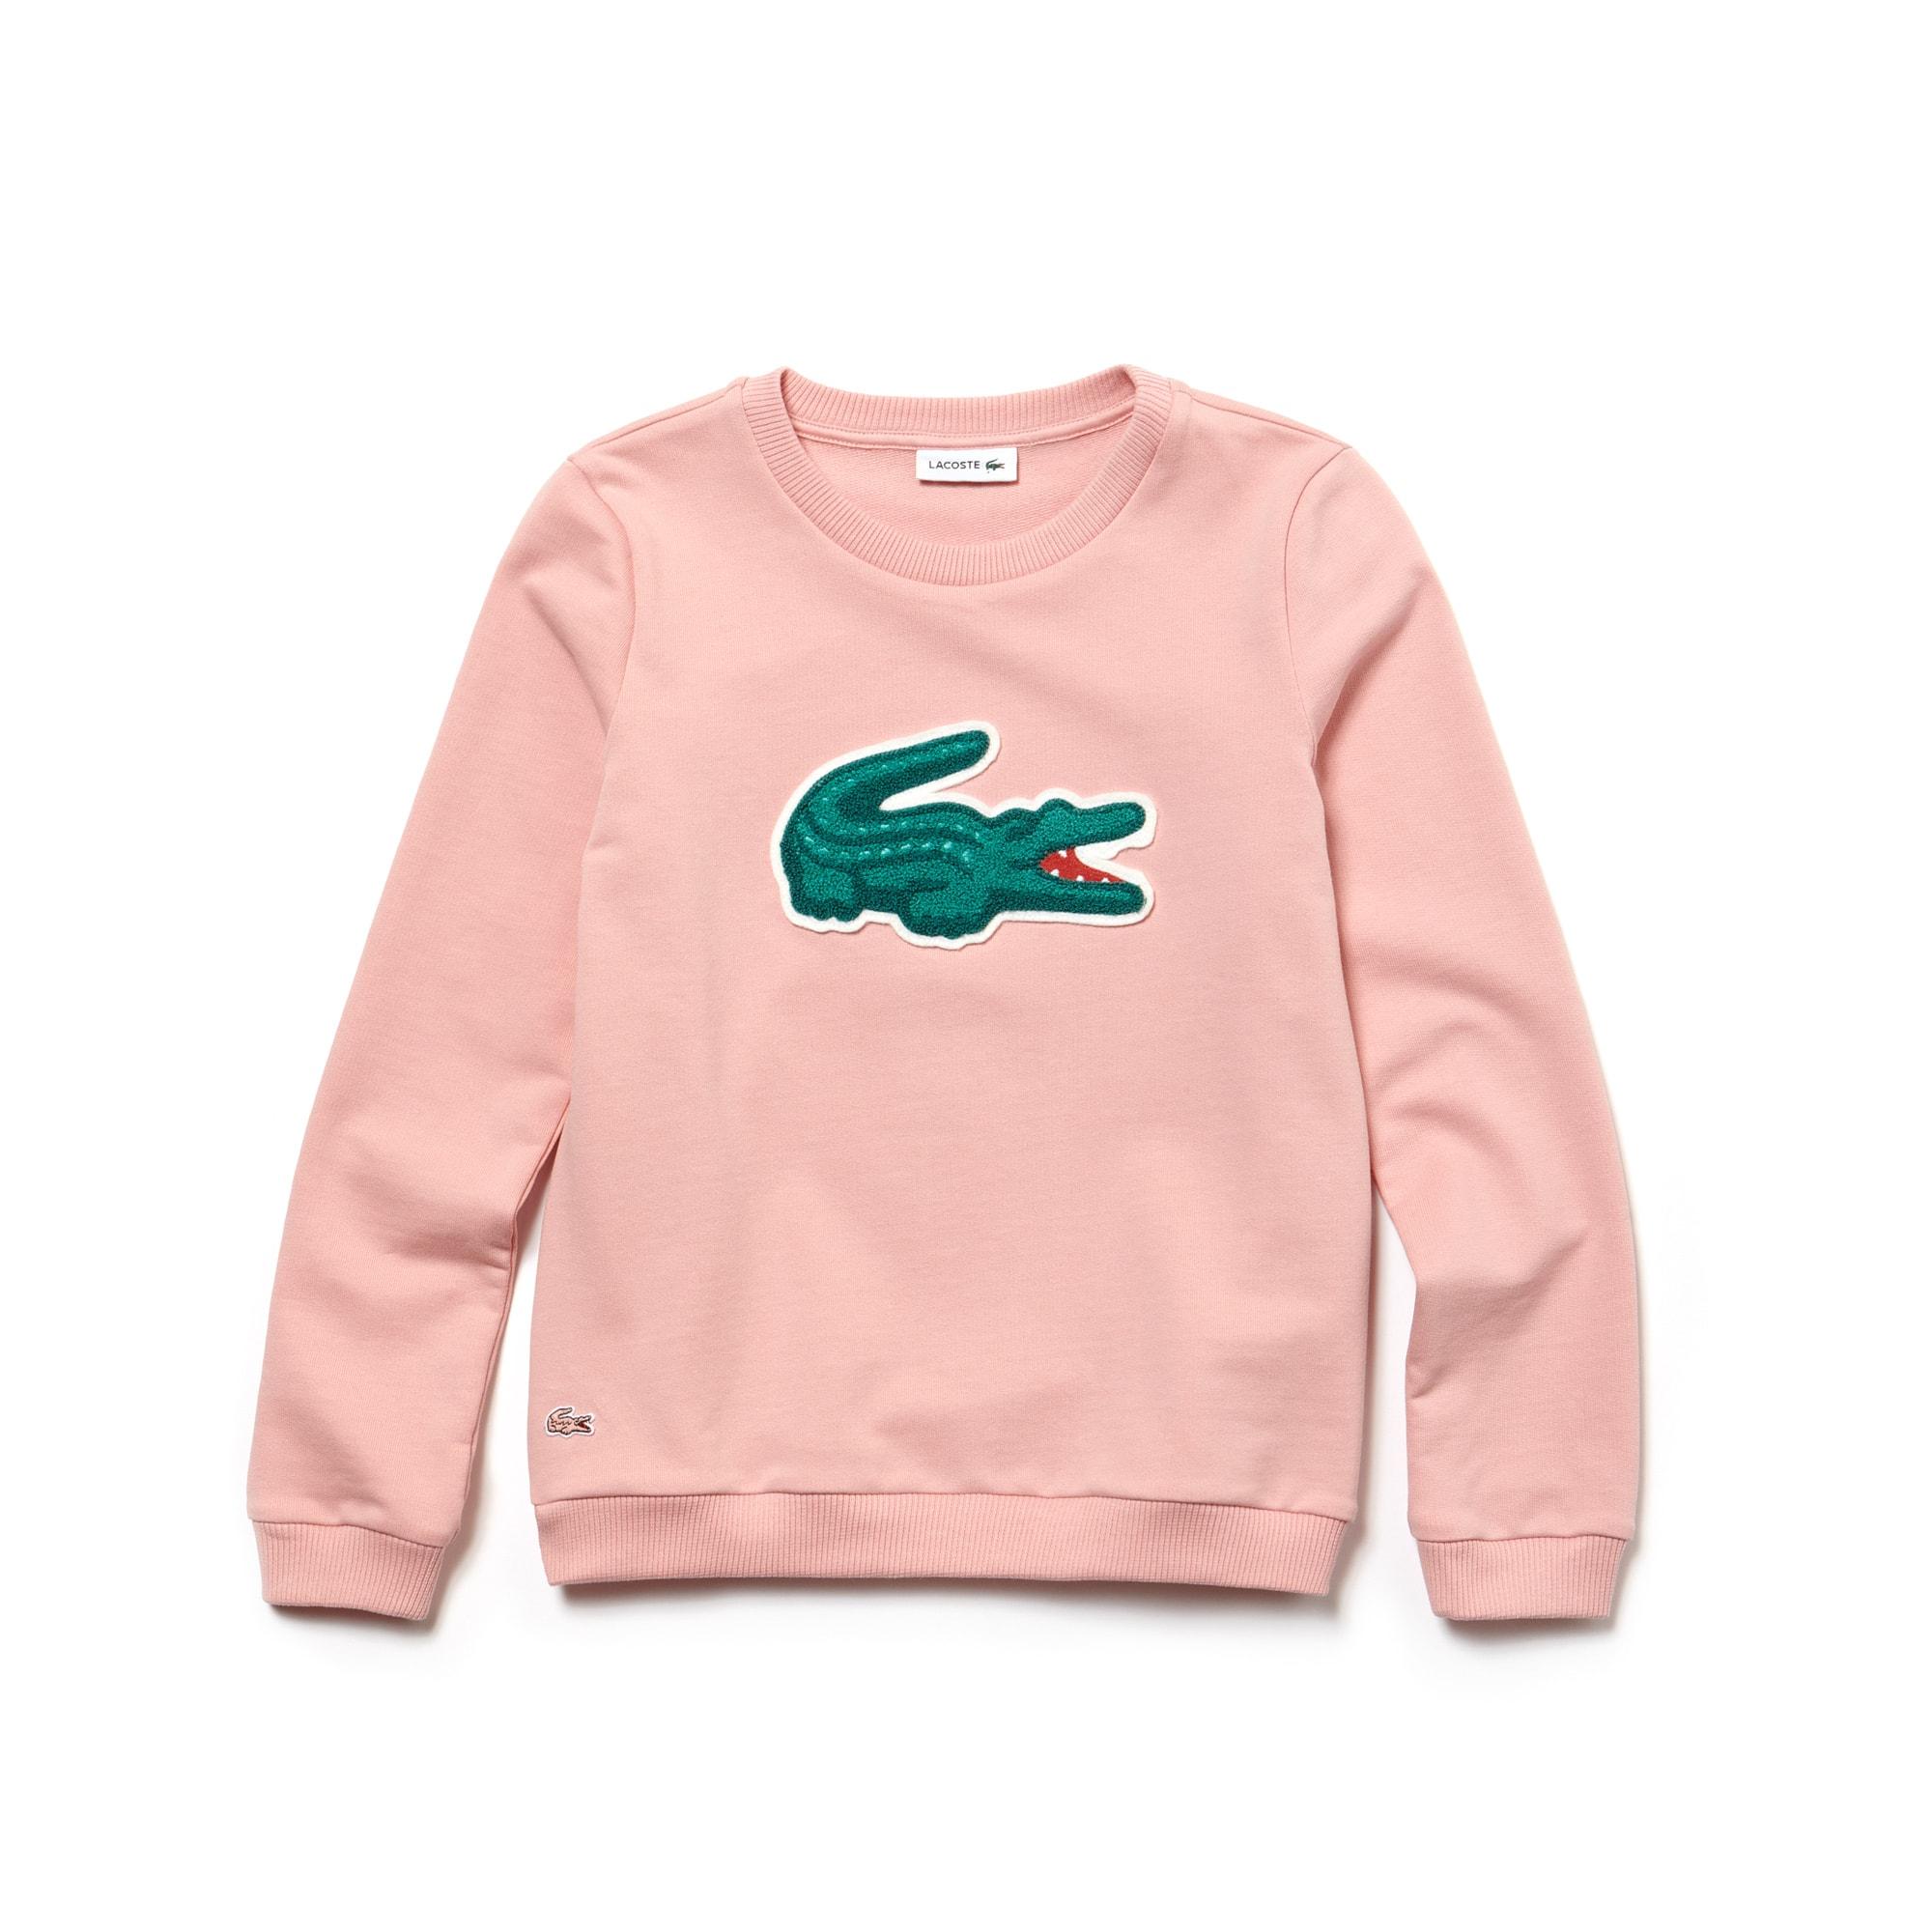 Girls' Oversized Crocodile Stretch Fleece Sweatshirt